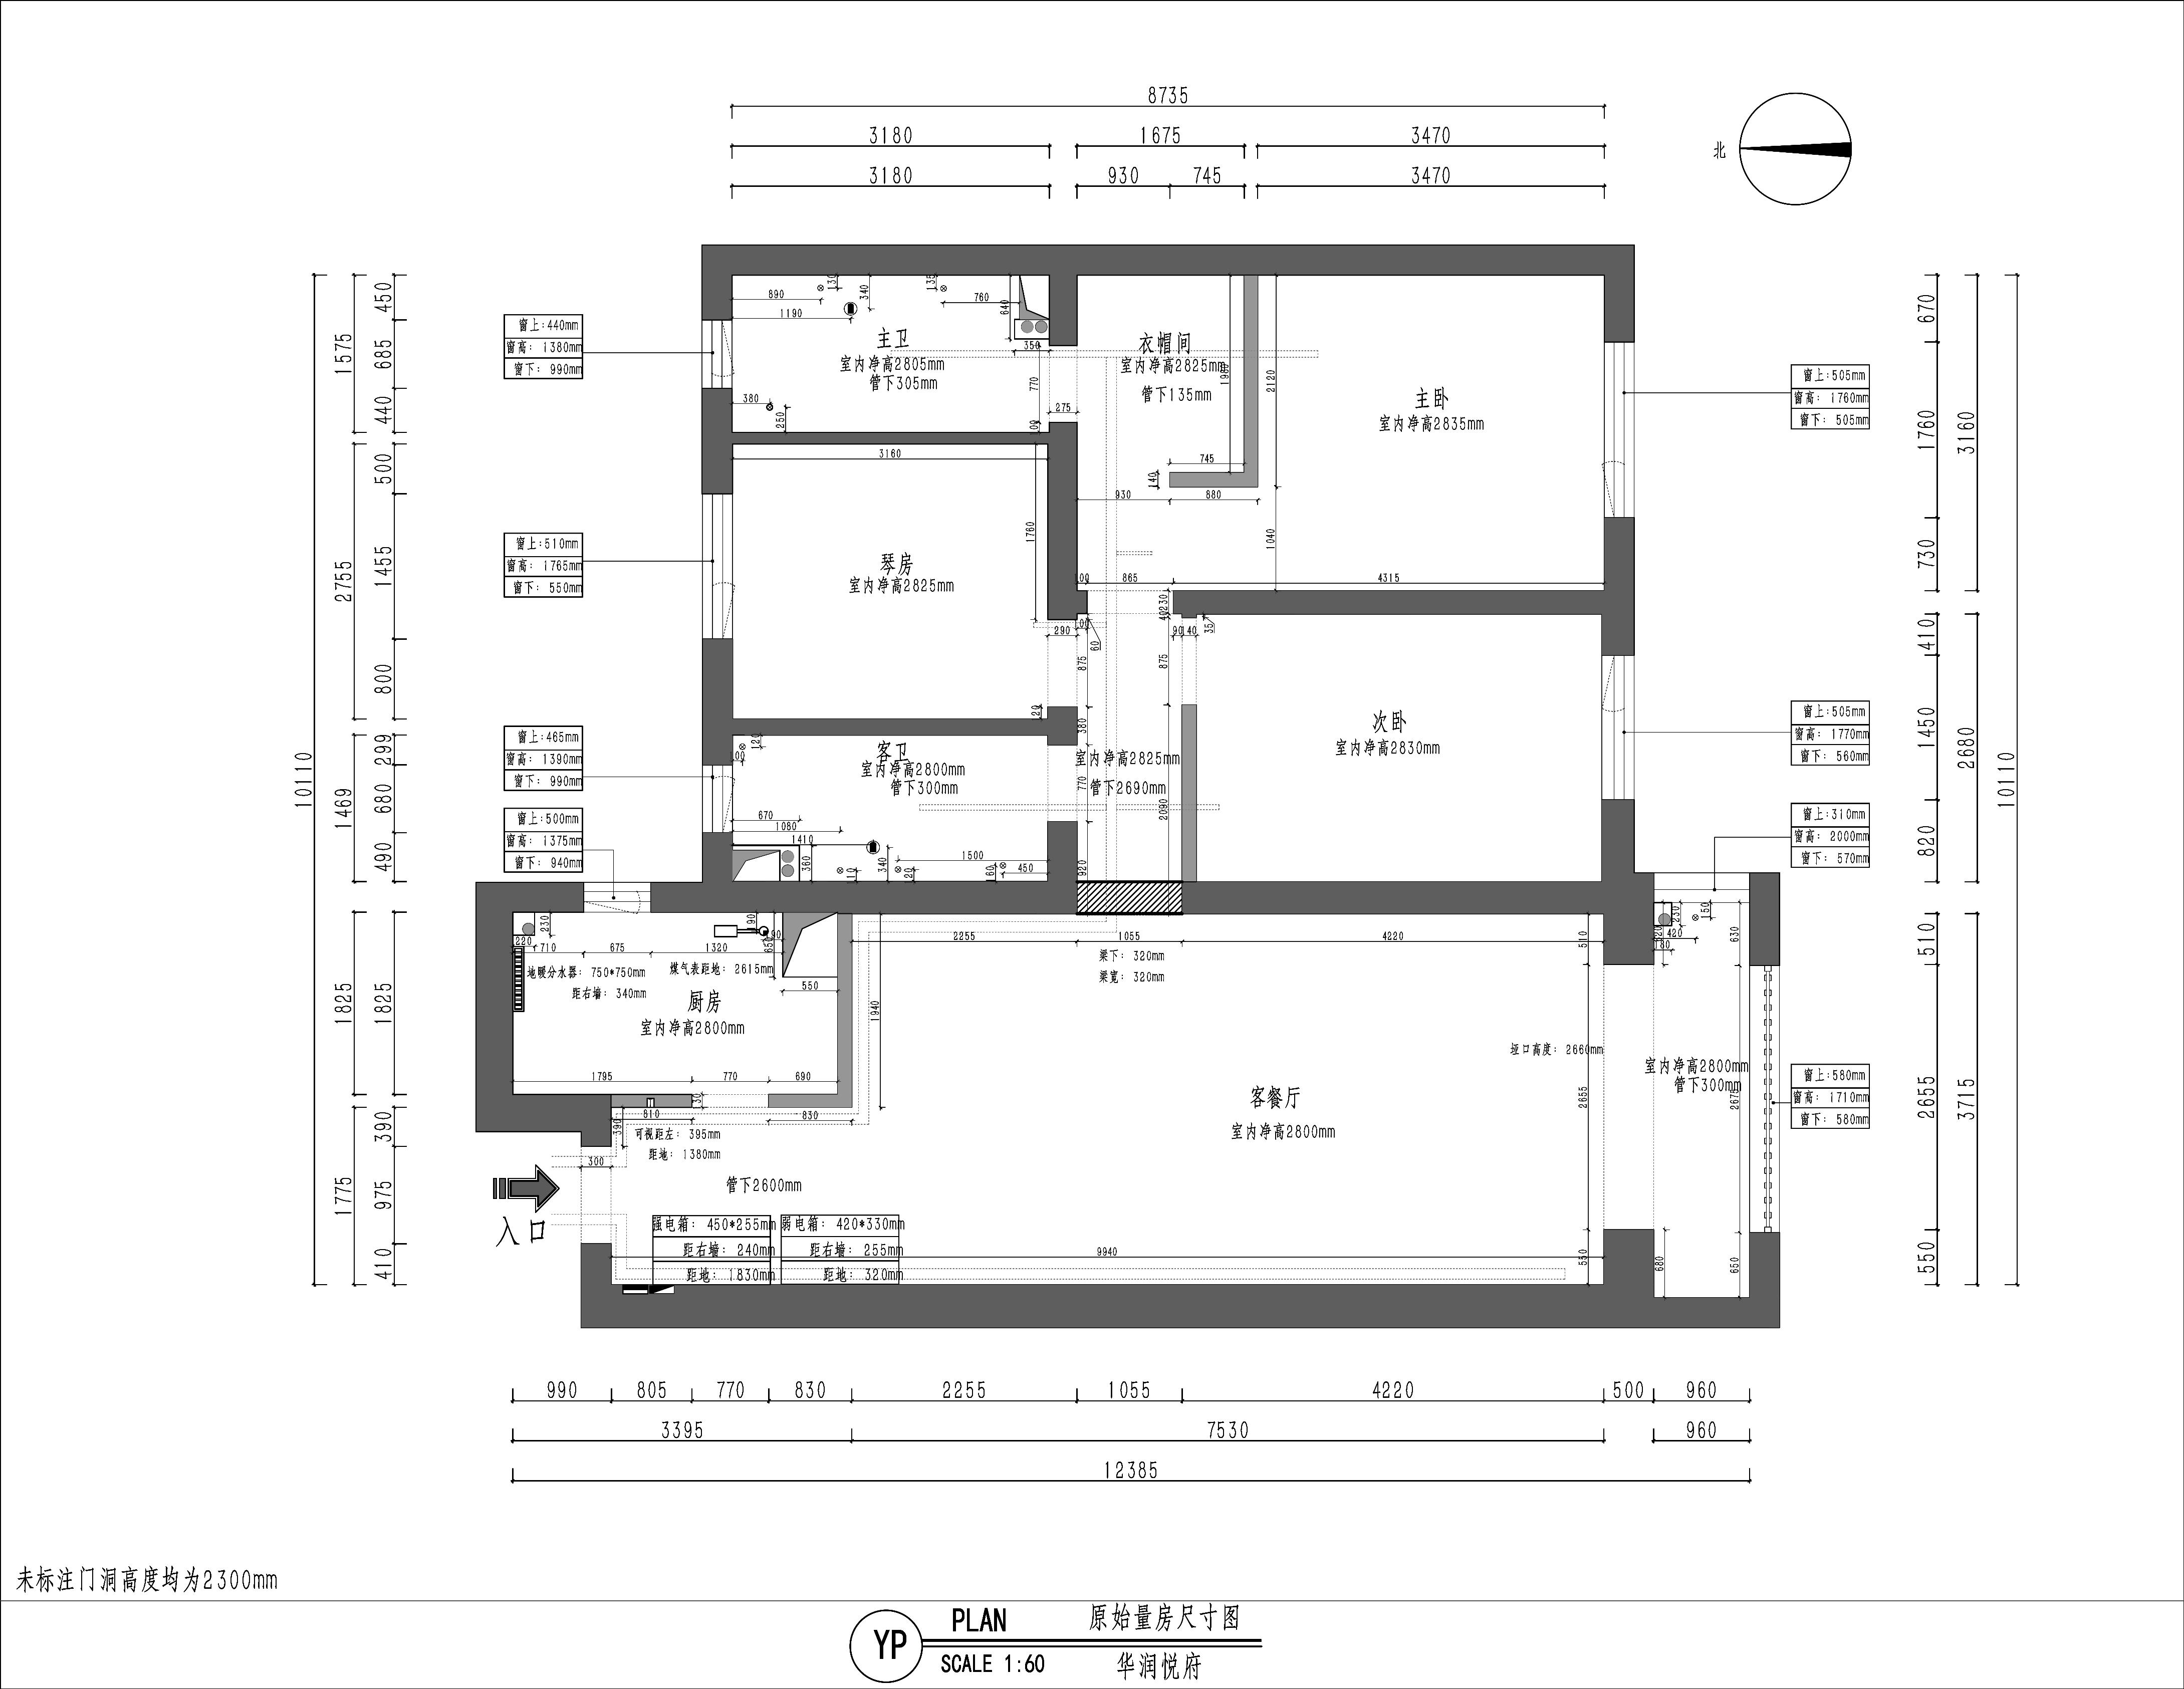 现代极简风格装修效果图 华润悦府 140平 3室2厅装修案例装修设计理念